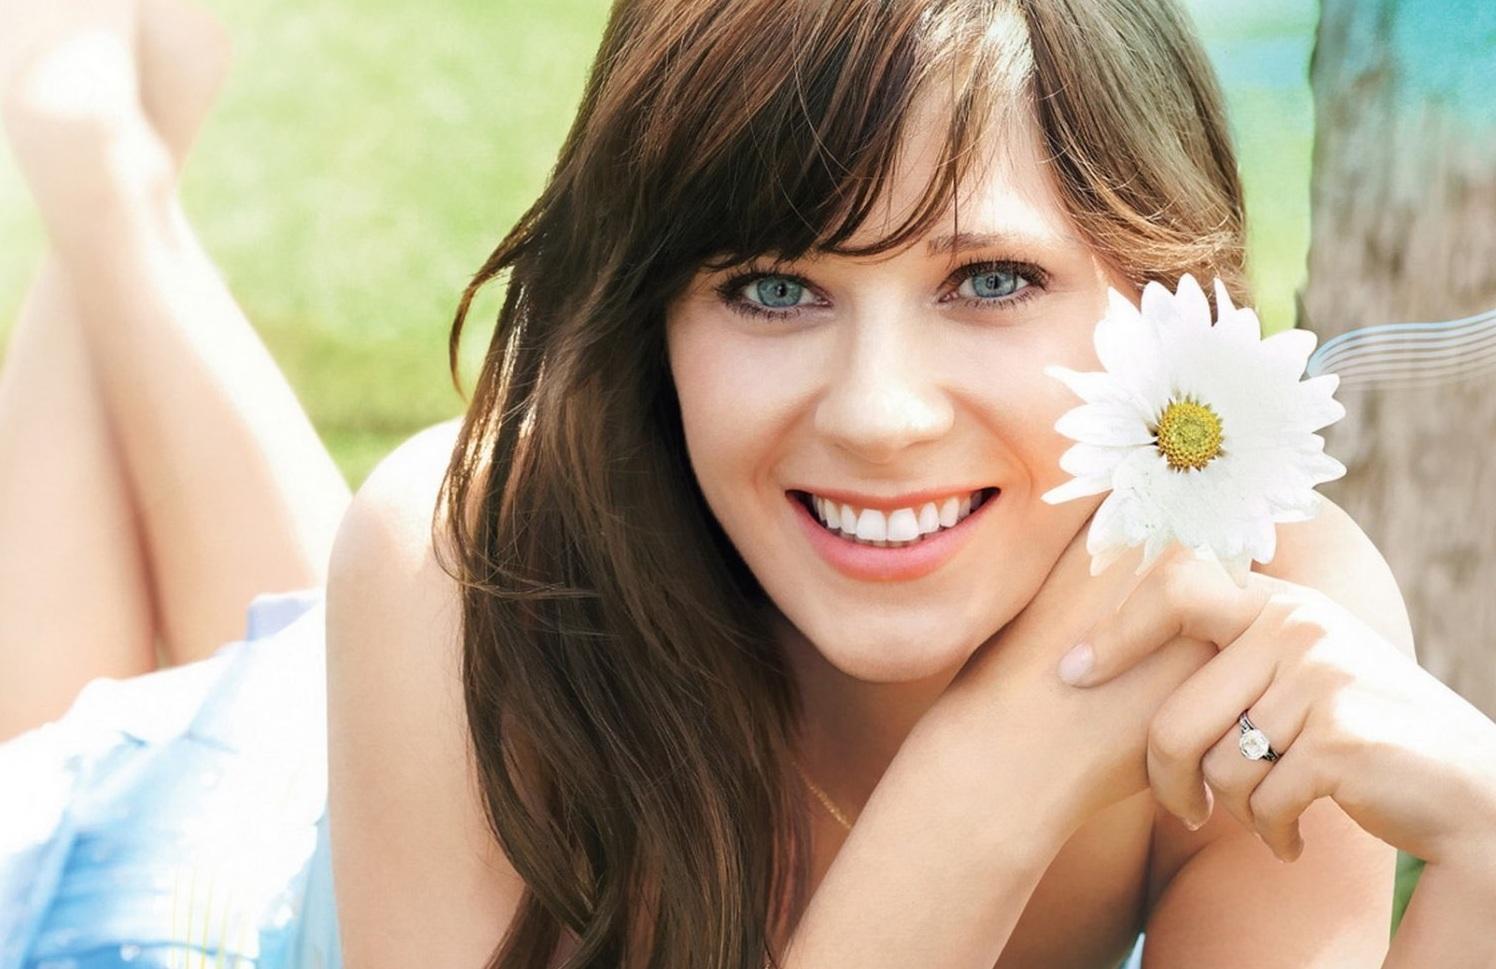 మీ పాలిపోయిన చర్మానికి చక్కటి సౌందర్య చిట్కా - Beauty tip for your pale skin